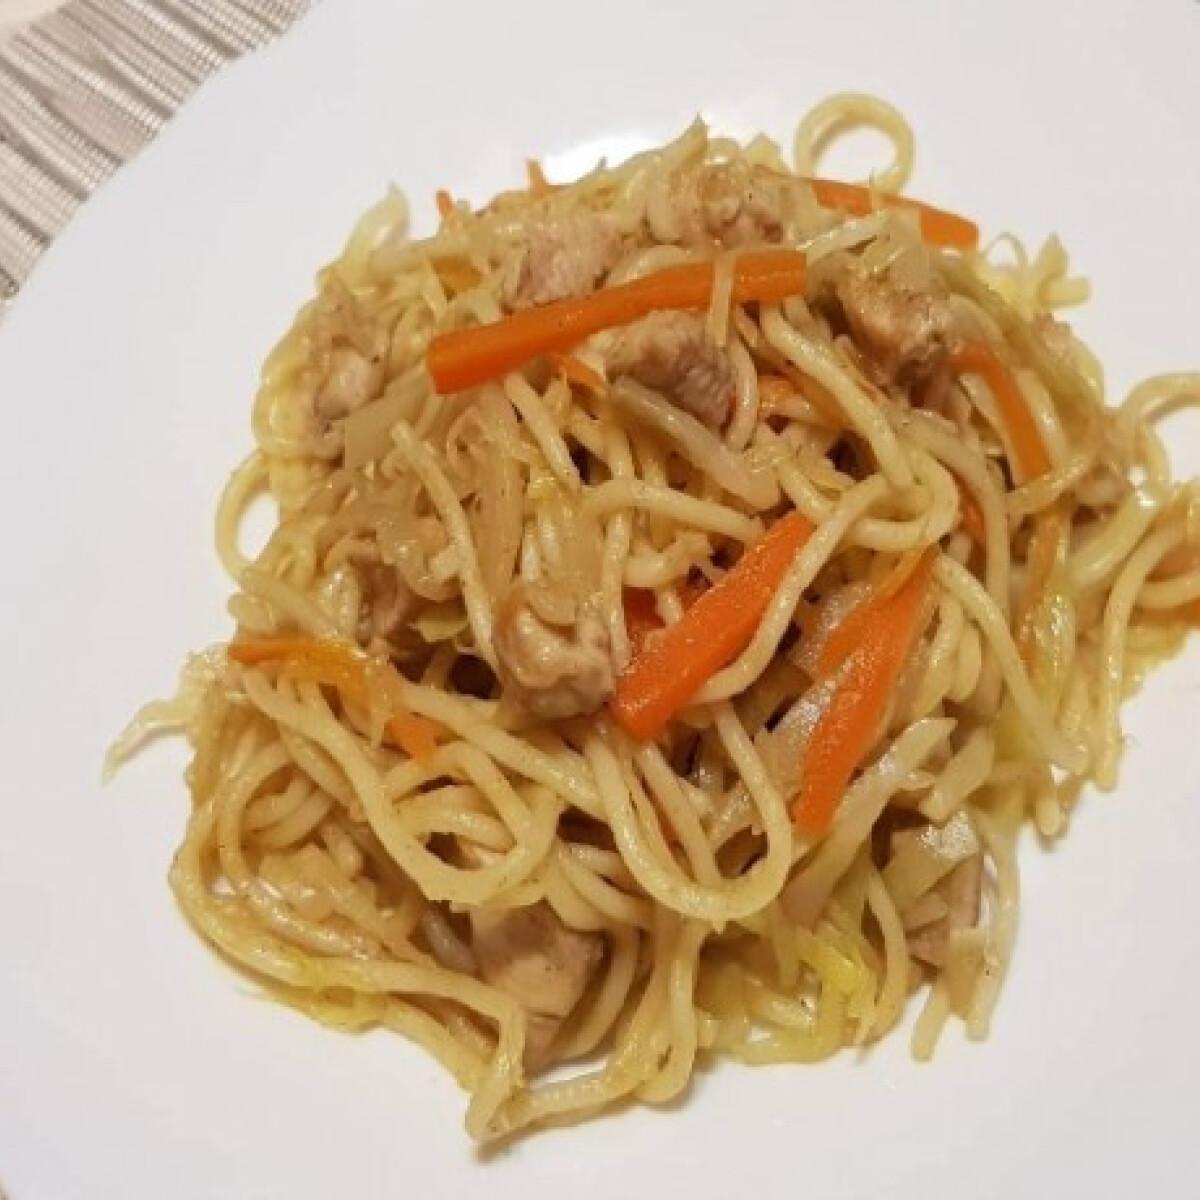 Ezen a képen: Kínai csirkés pirított tészta